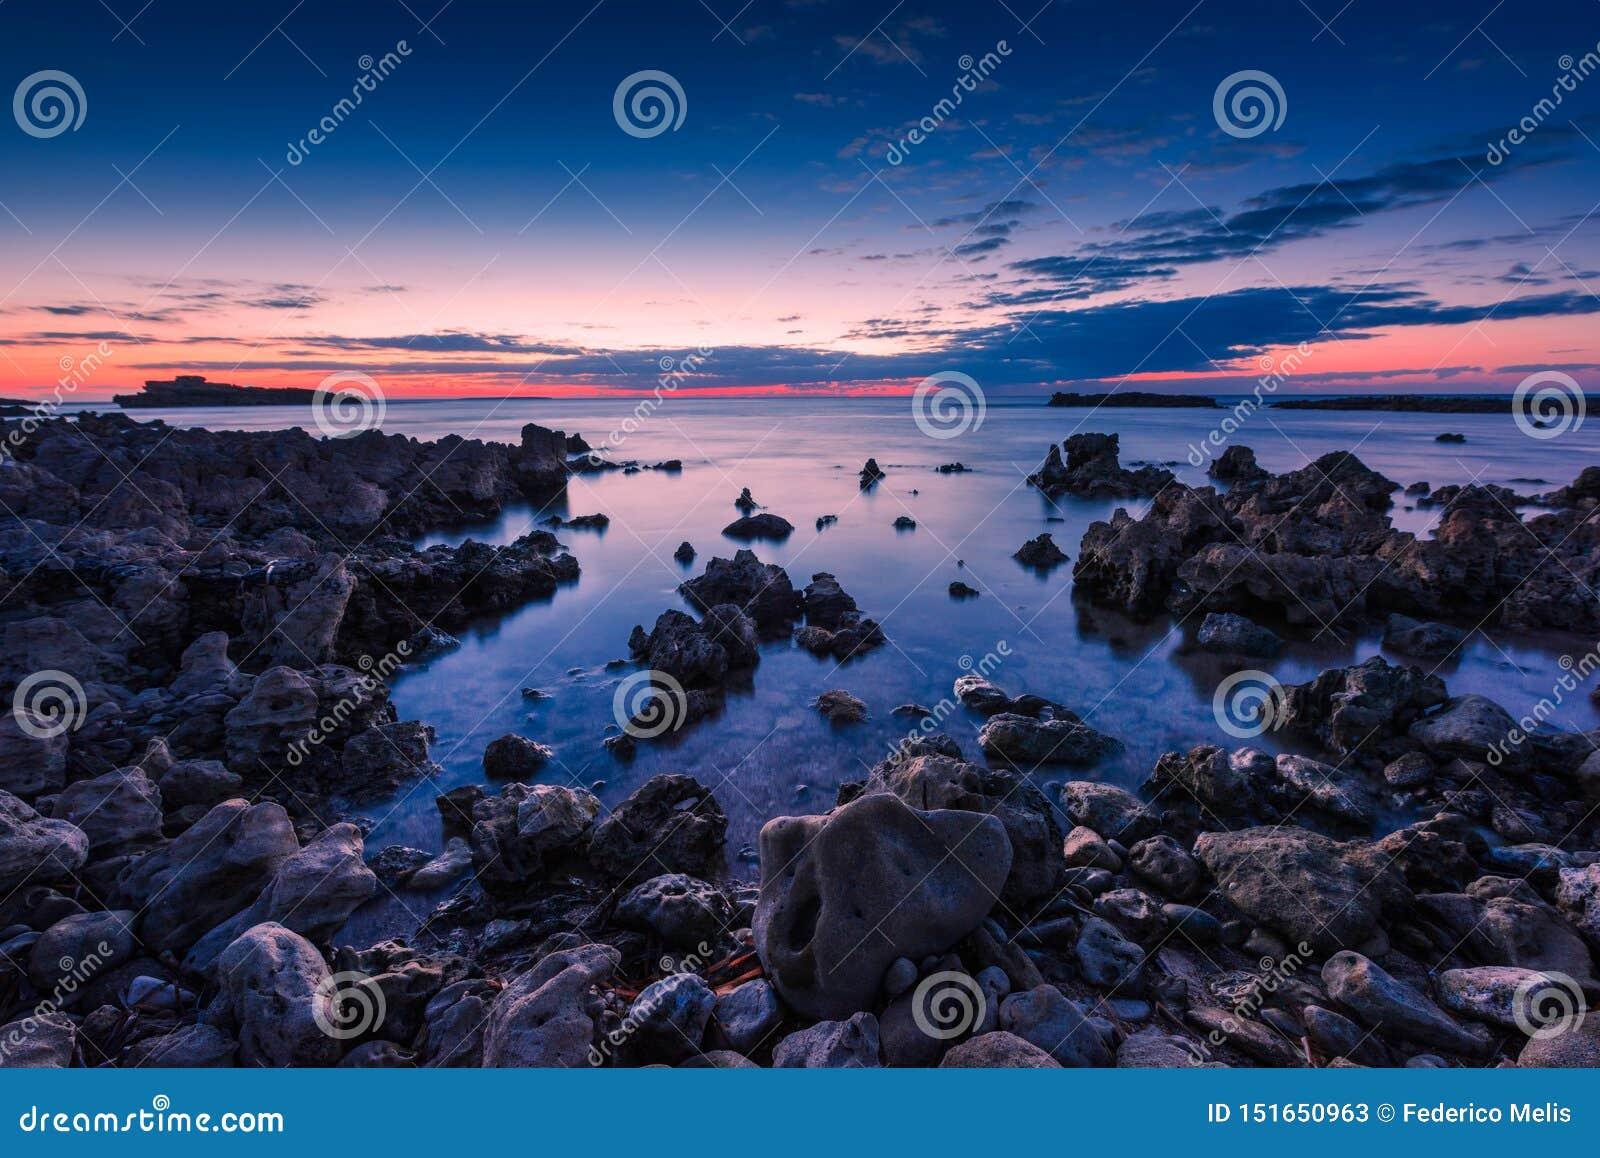 Błękitna godzina przy morzem w Sardinia zachodnim wybrzeżu, Włochy